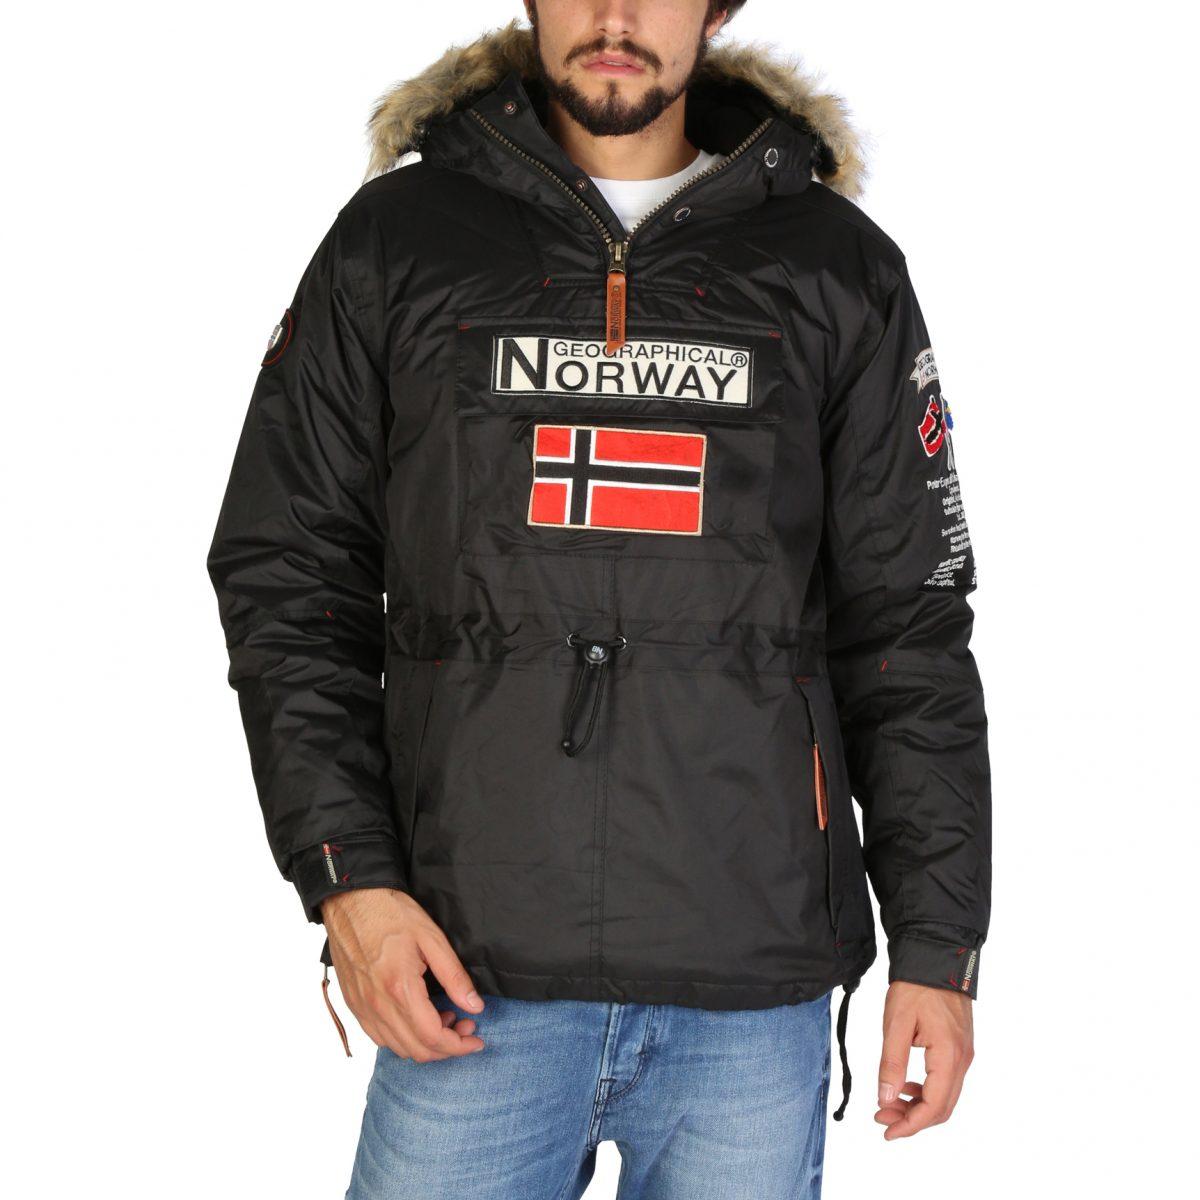 Dónde comprar chaqueta Norway